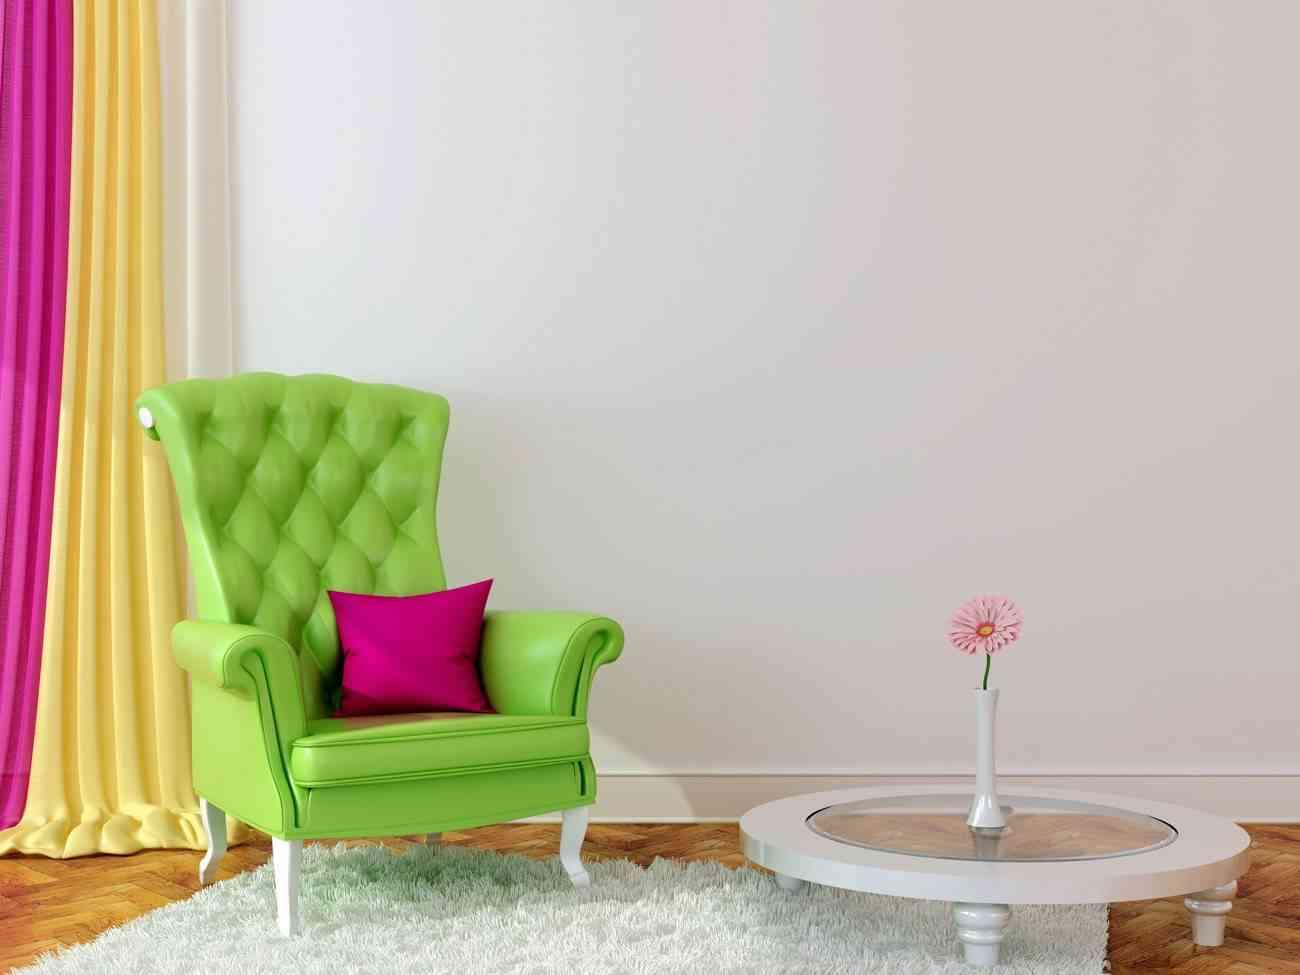 decoracion de primavera - rincones coloridos 5